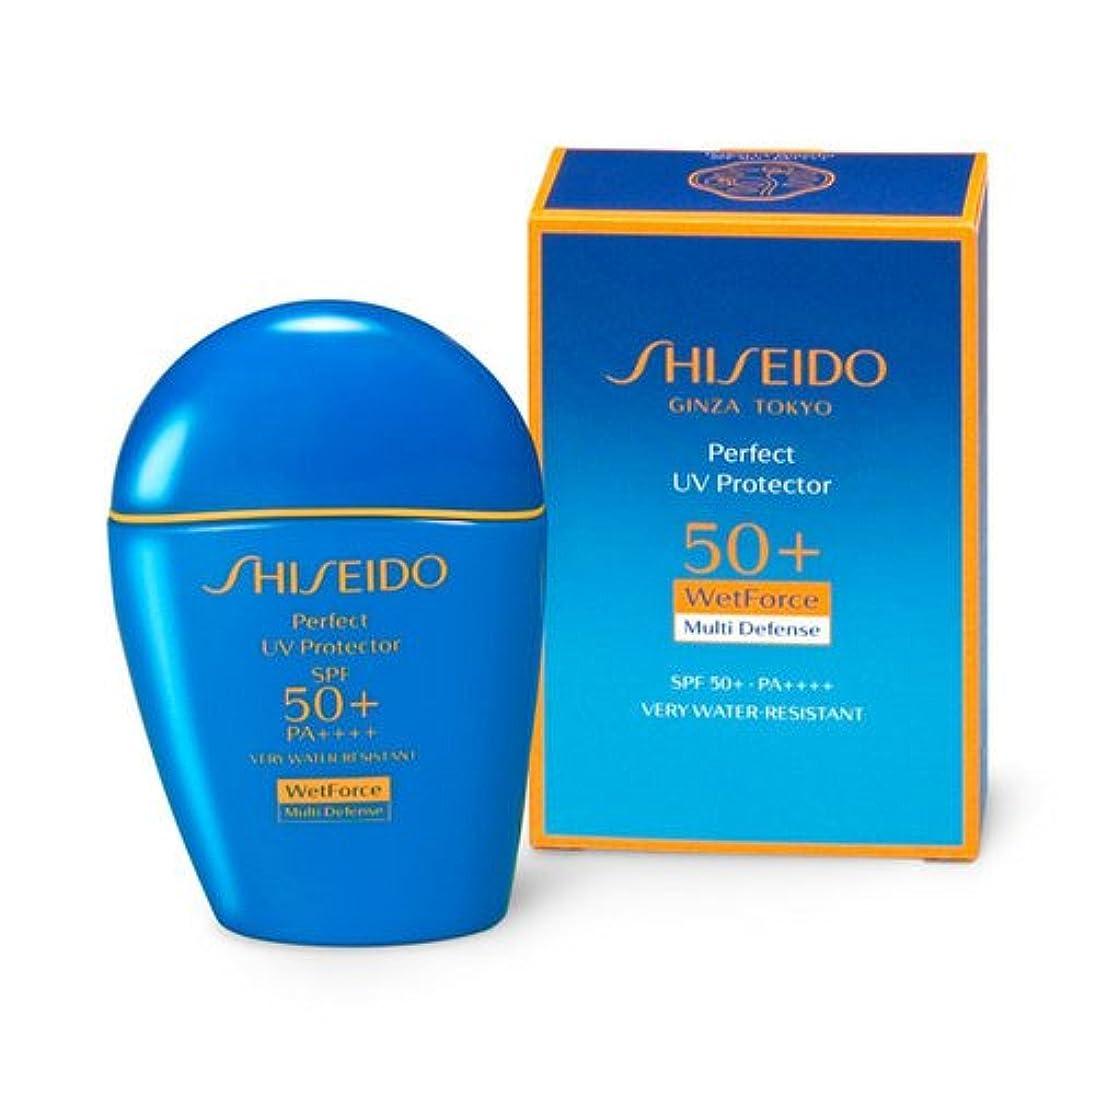 彫刻誠意赤SHISEIDO Suncare(資生堂 サンケア) SHISEIDO(資生堂) パーフェクト UVプロテクター 50mL